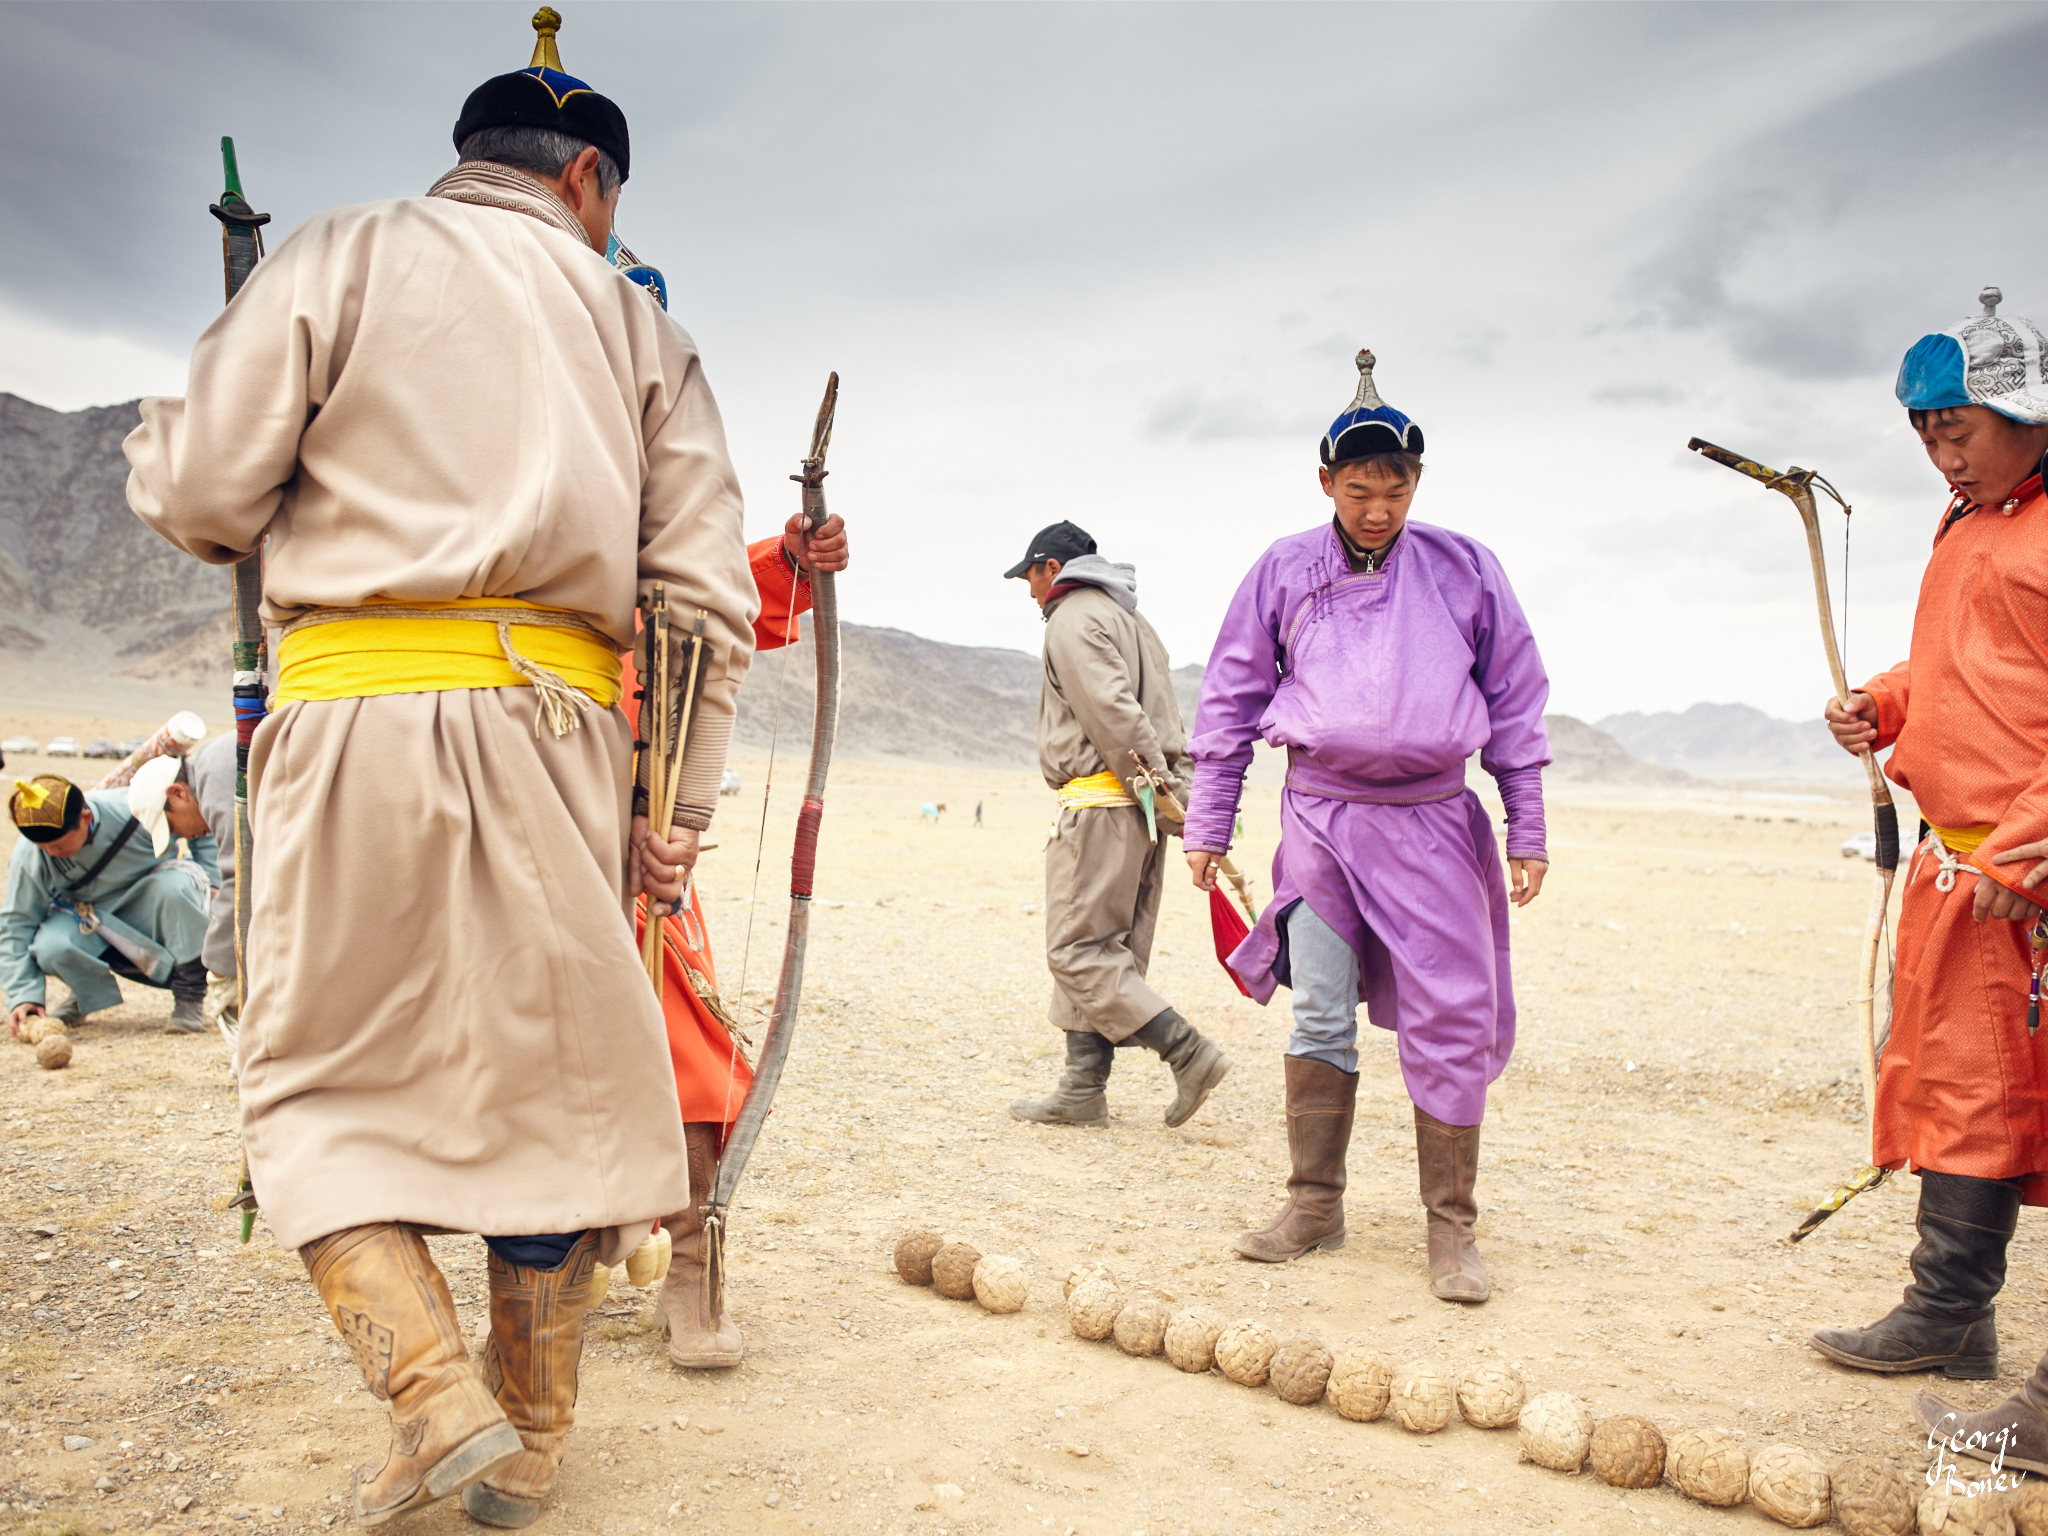 Kazakh Archers in Altai Mountain